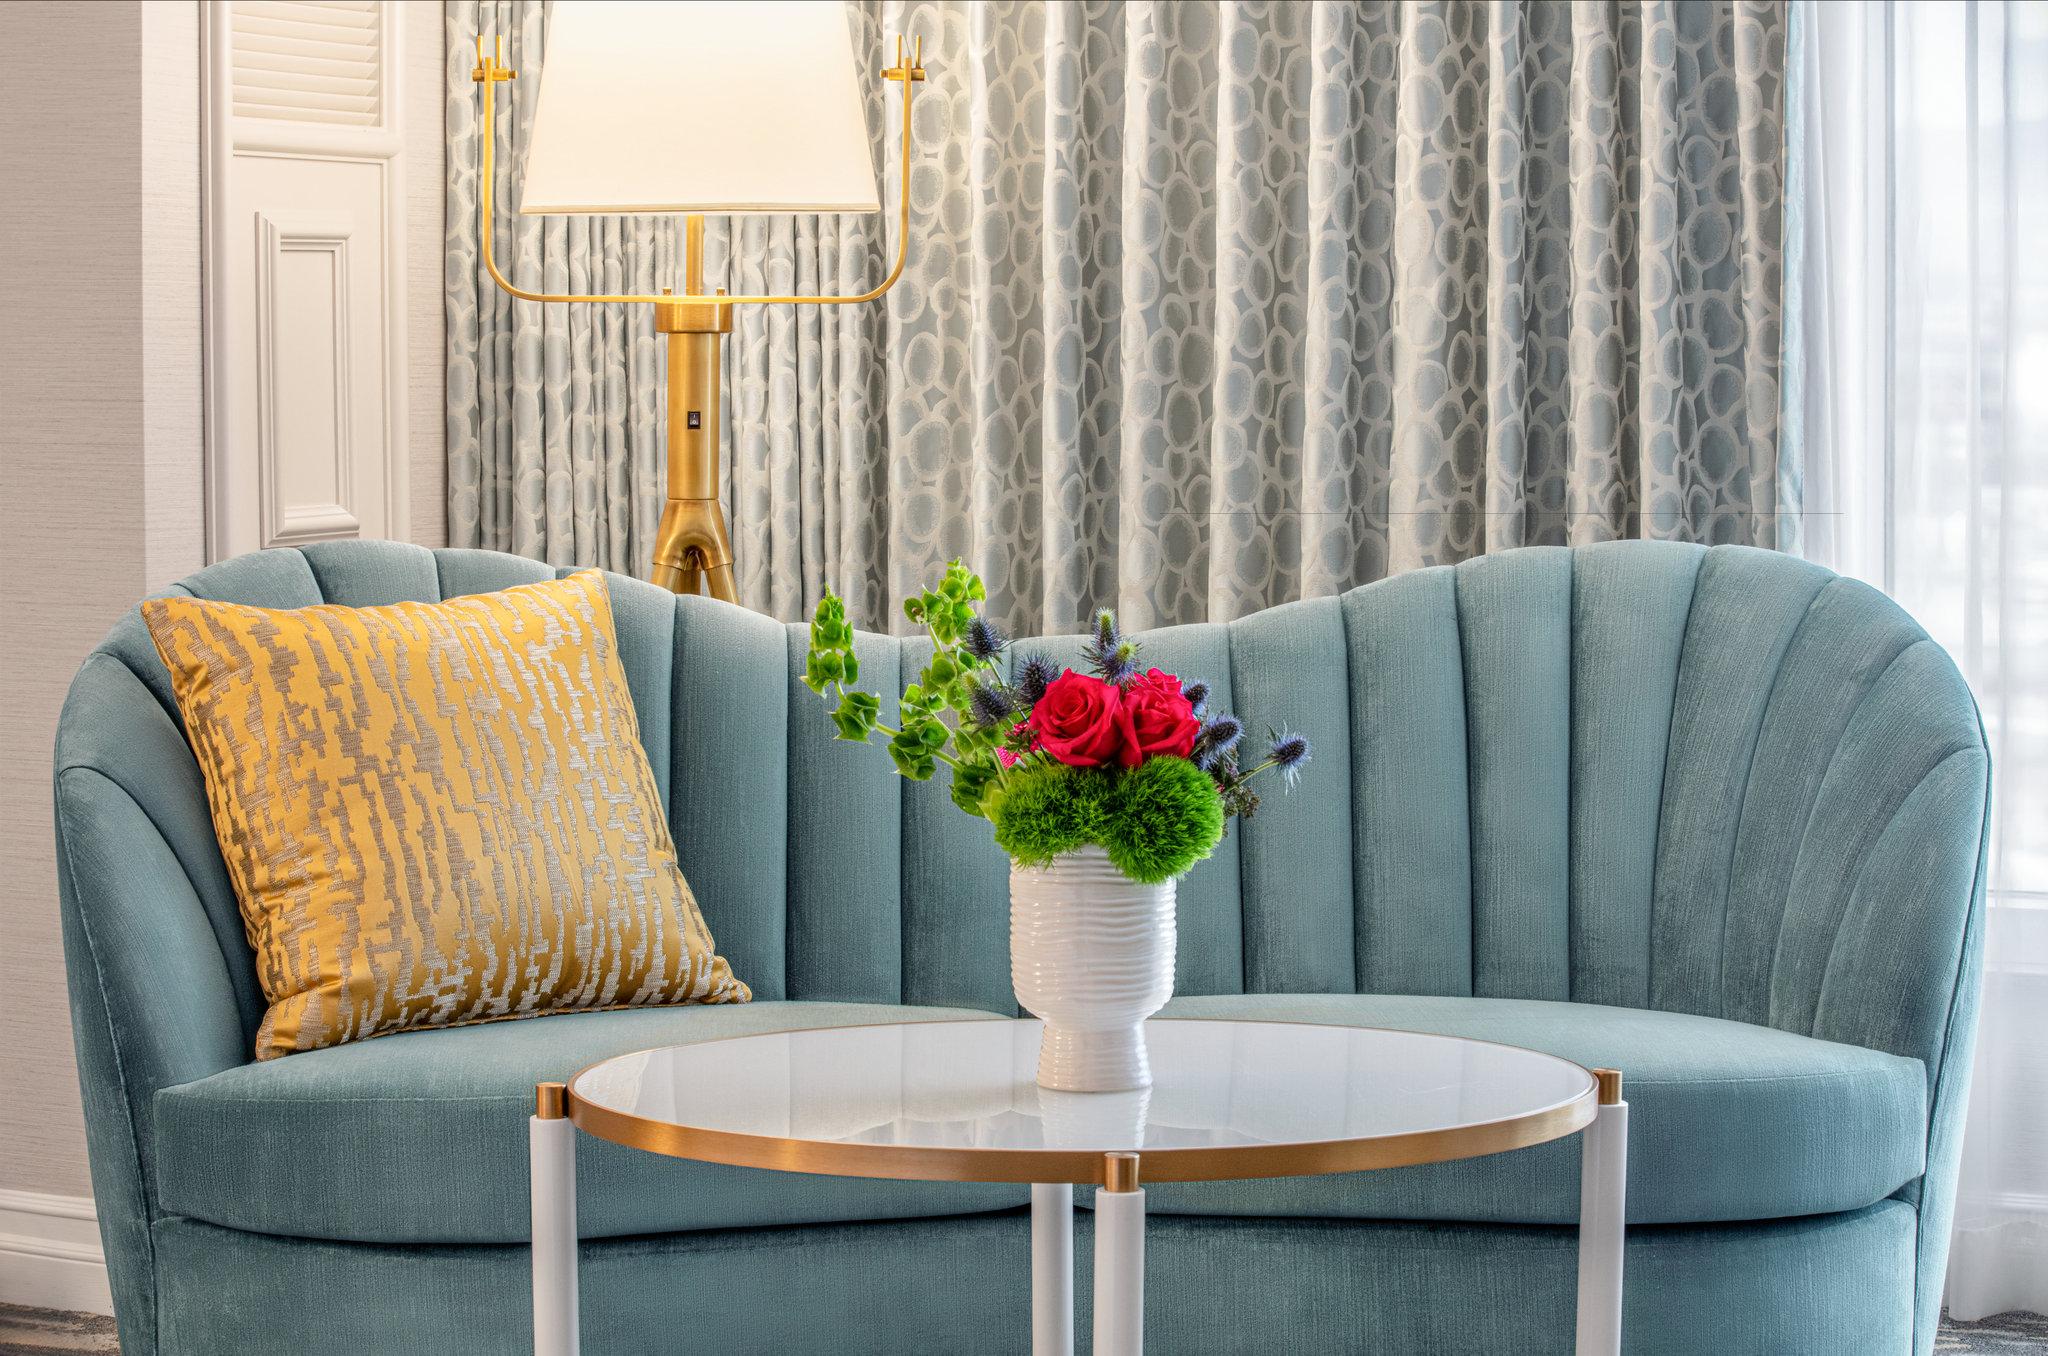 Premier King - Sofa